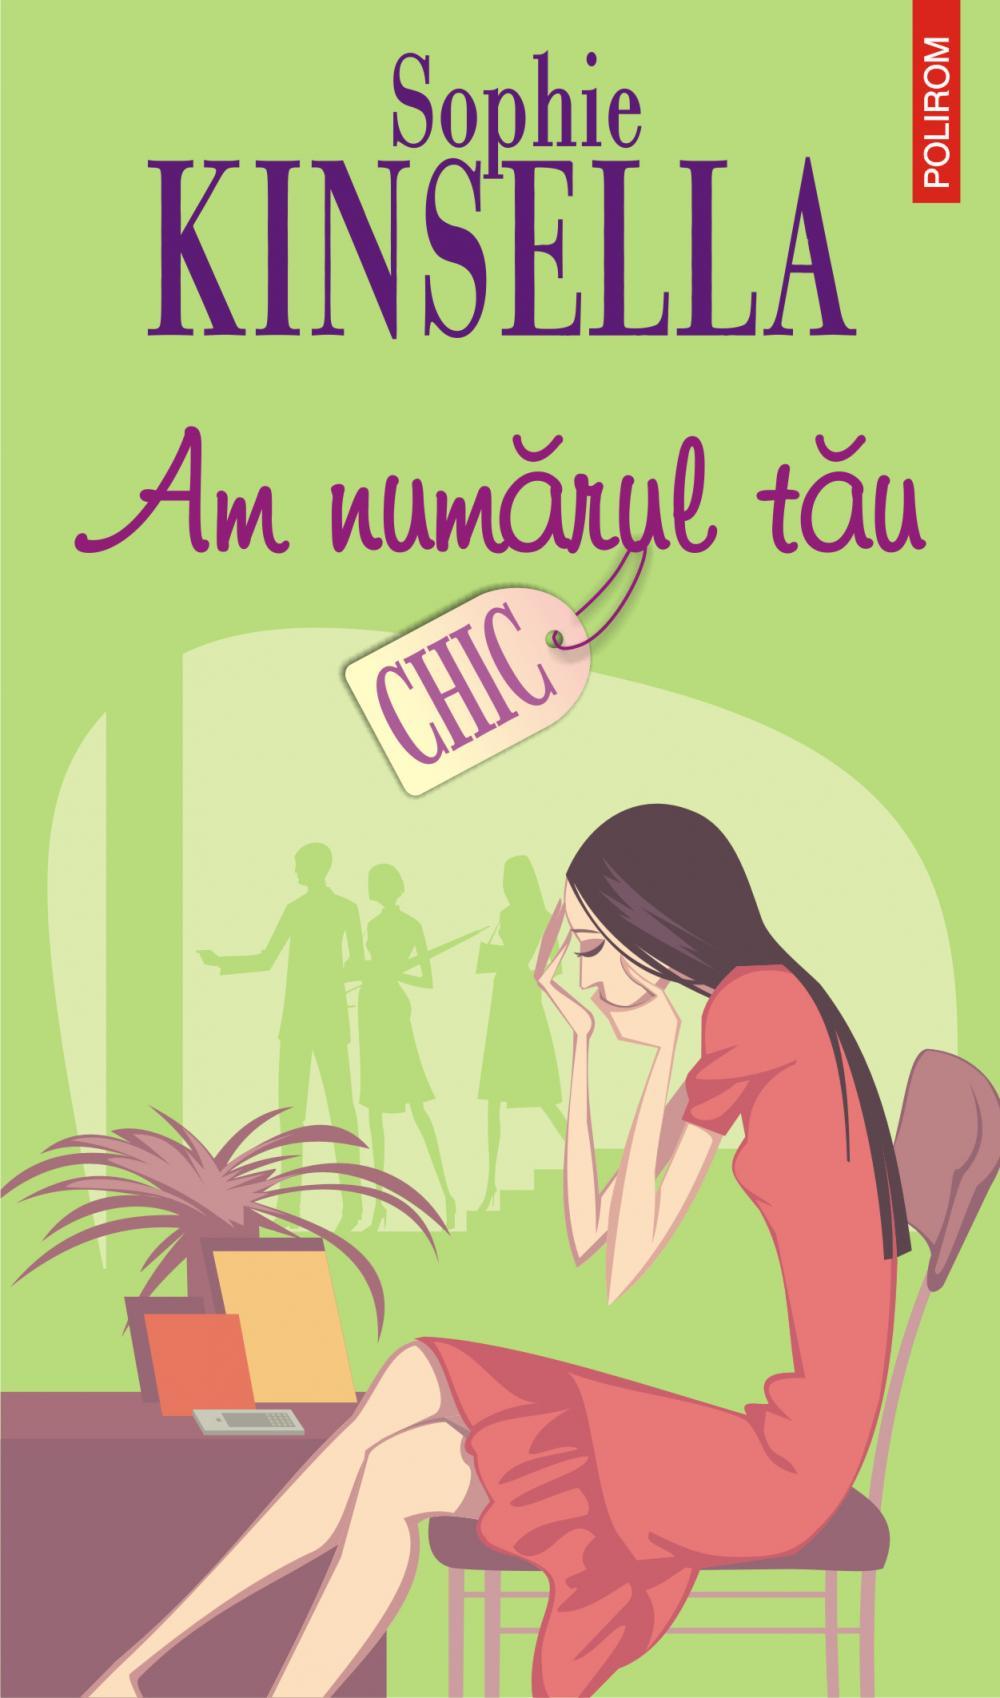 CHIC - AM NUMARUL TAU